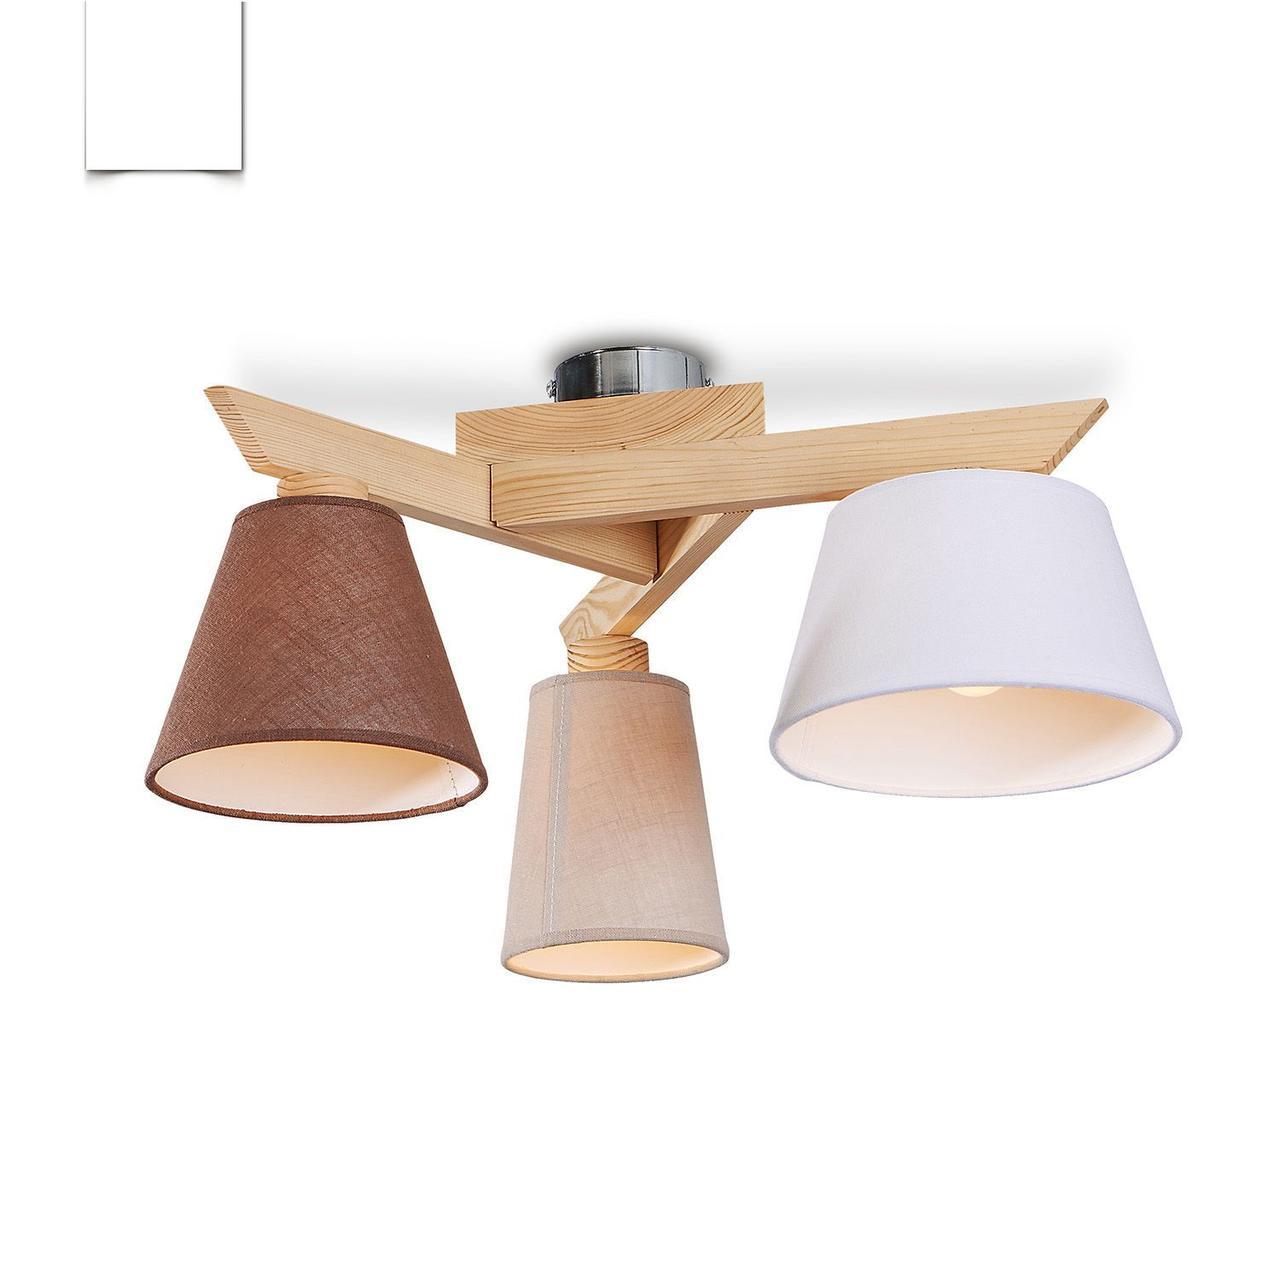 Люстра c різнобарвними абажурами на три лампочки в стилі модерн, дерев'яна, в спальню, кухню,передпокій 40088